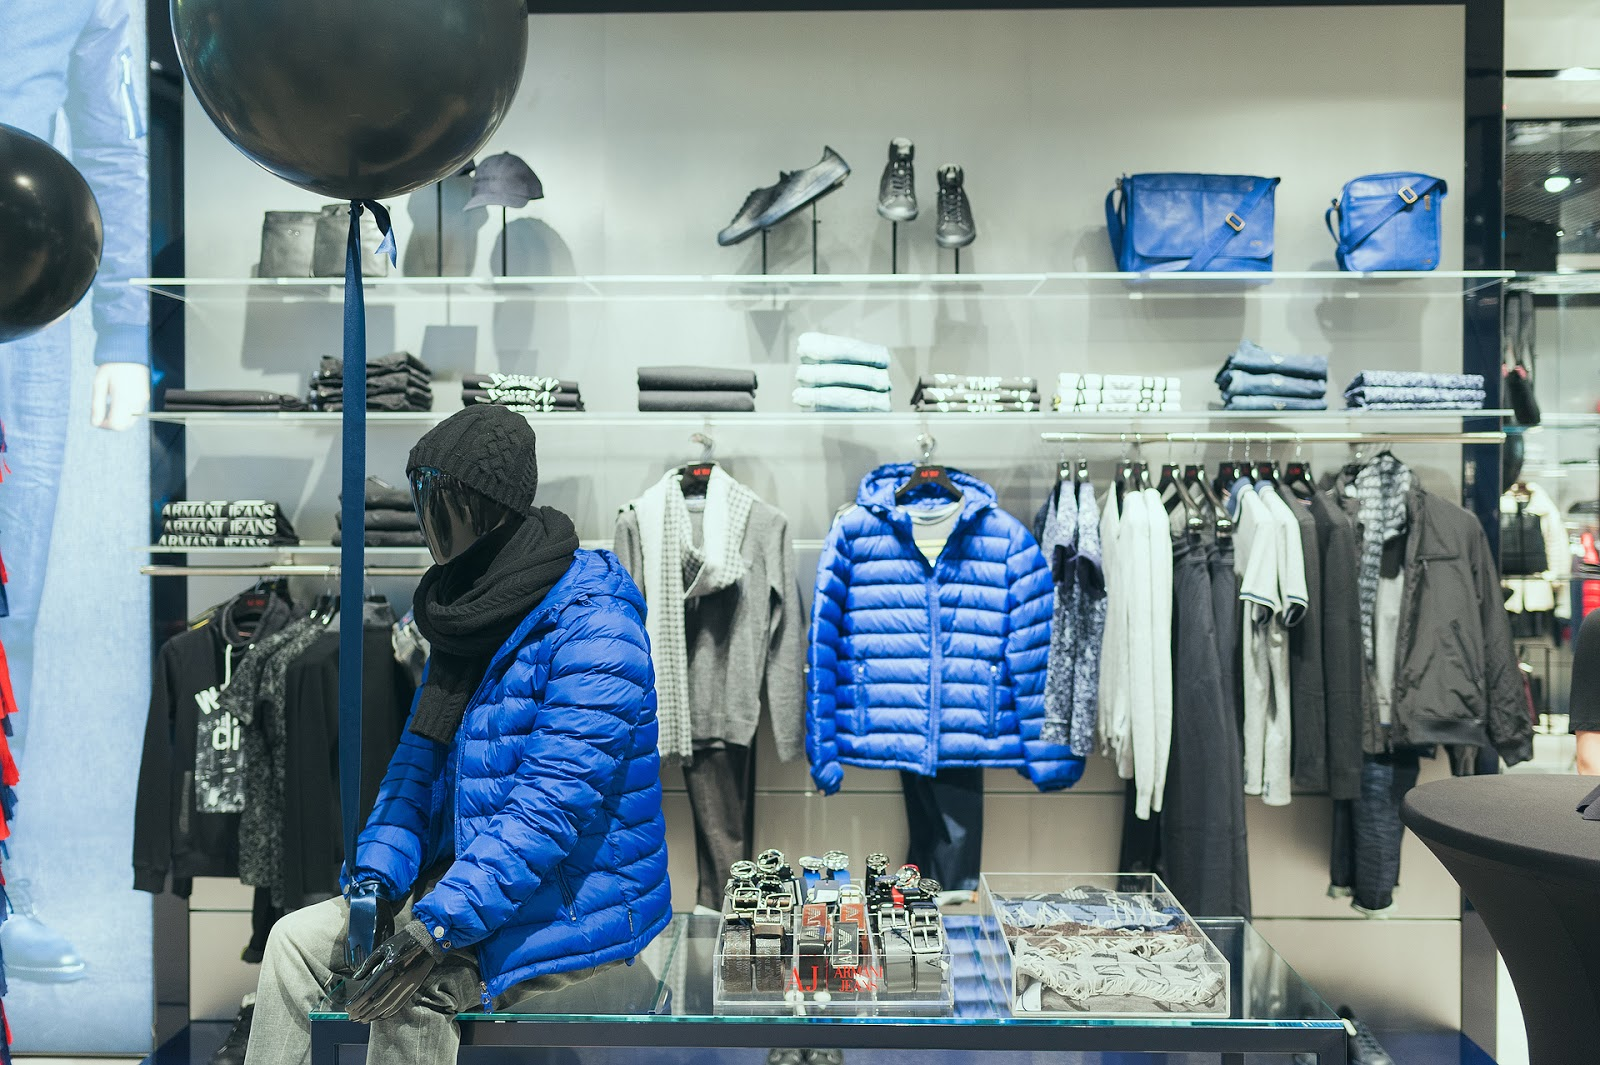 открытие магазина, Armani Jeans, Sky Mall, fashion blogger, Киев магазины, где купить пальто, фешн блогер